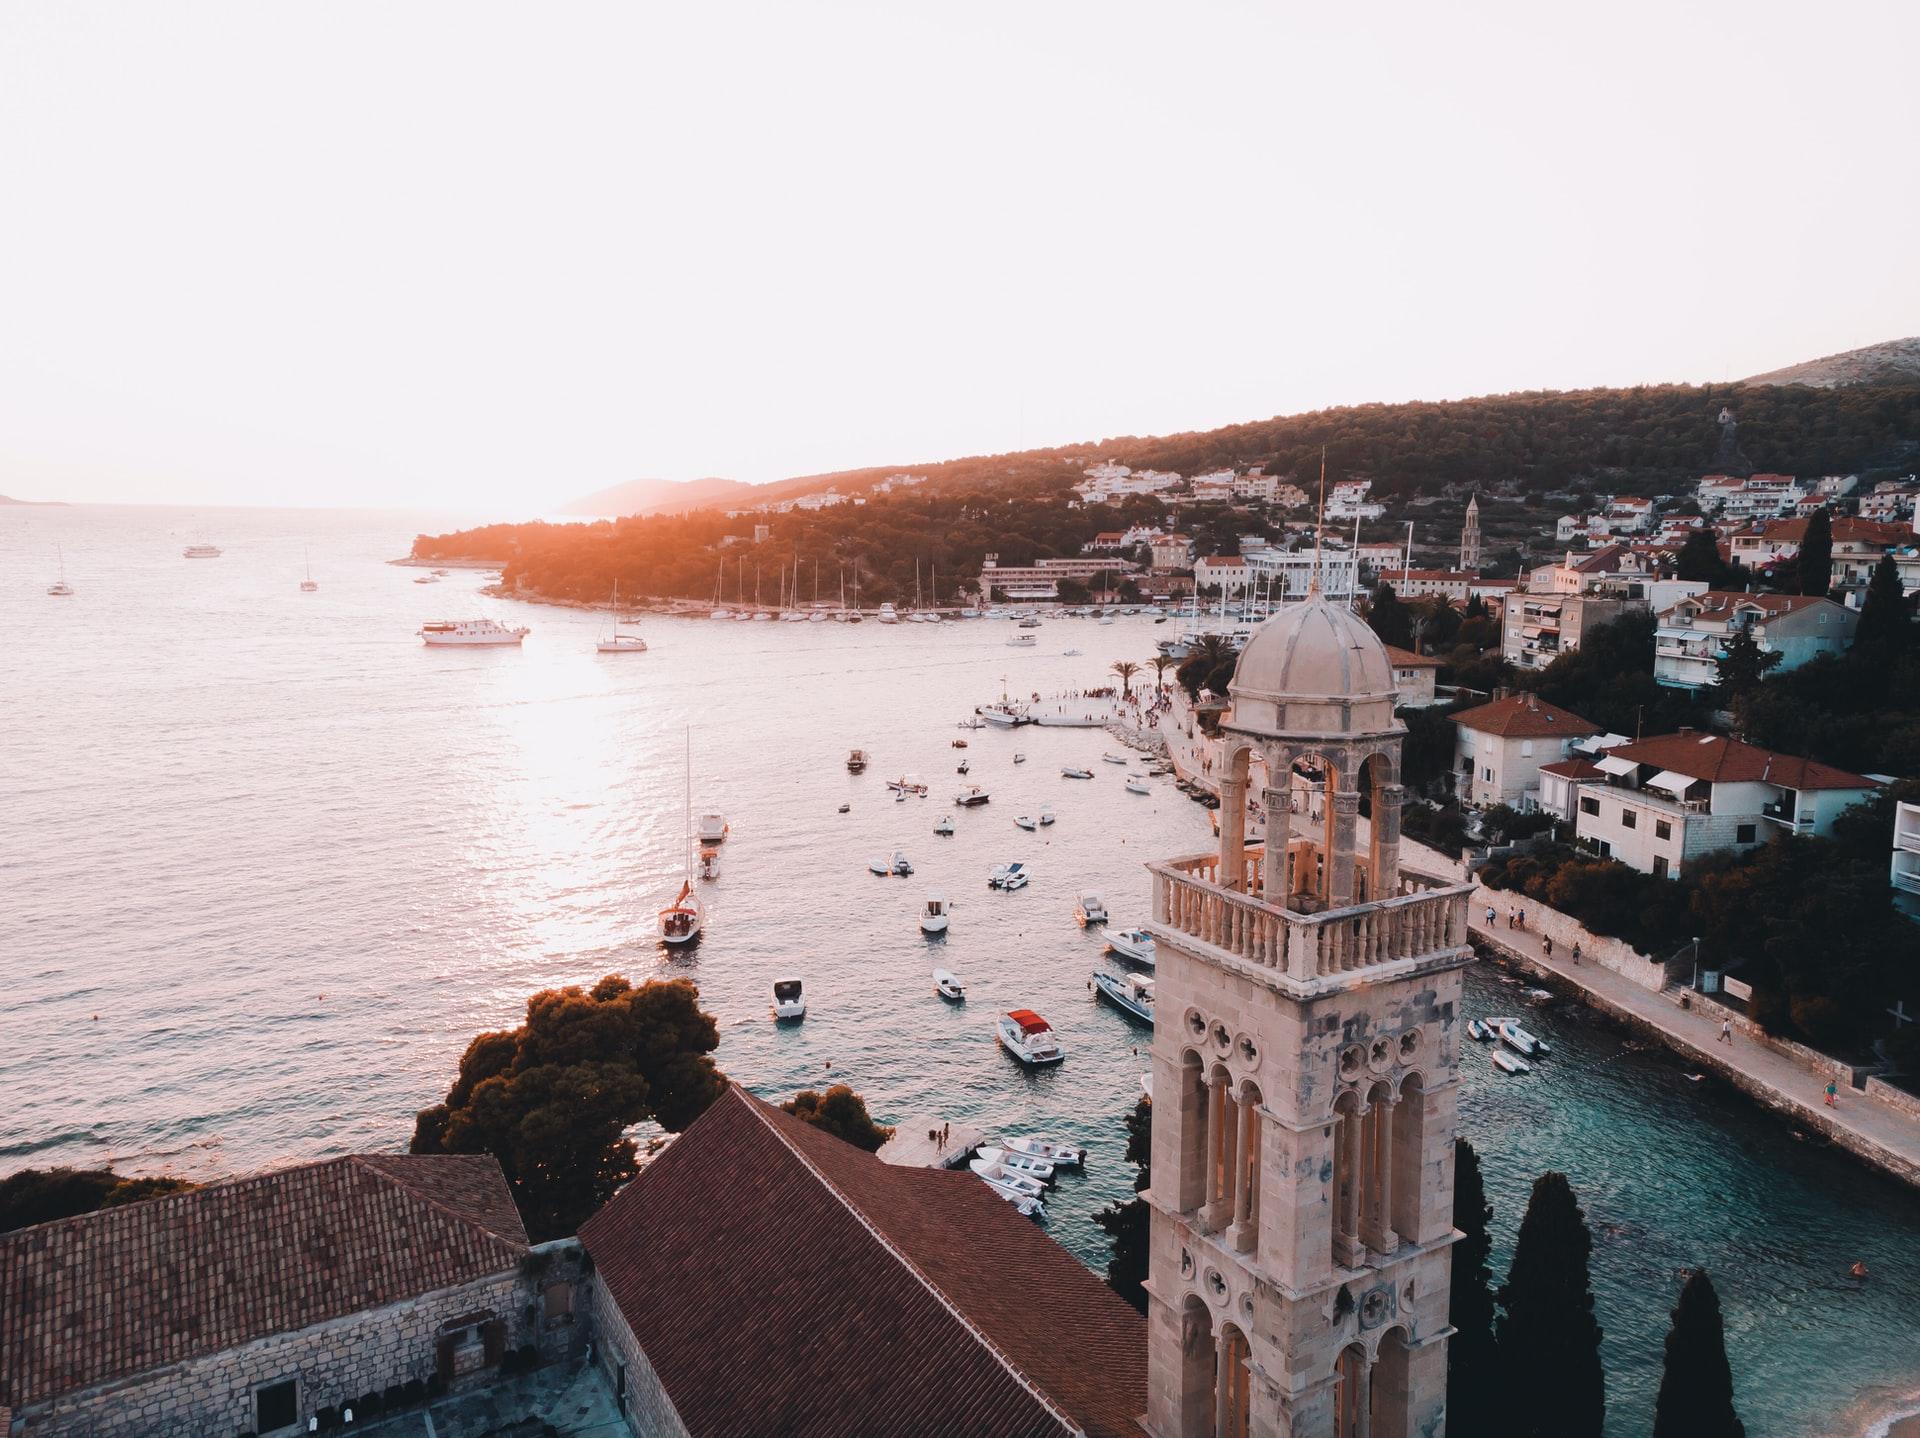 U Hrvatskoj trenutno boravi nešto više od 900 tisuća turista